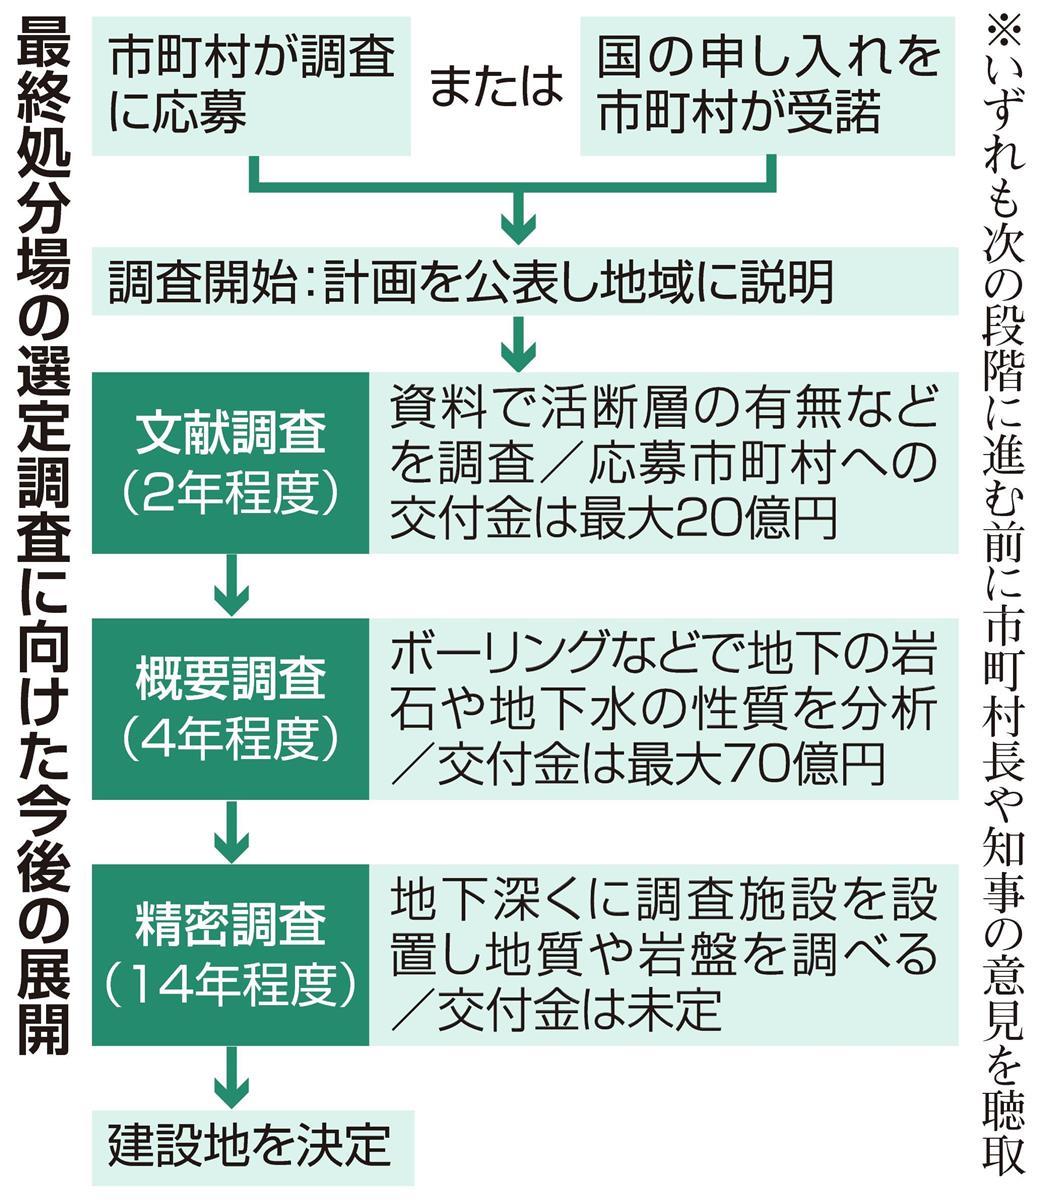 核 の ゴミ と は 高レベル放射性廃棄物 処分場選定へ マップ公表|NHK